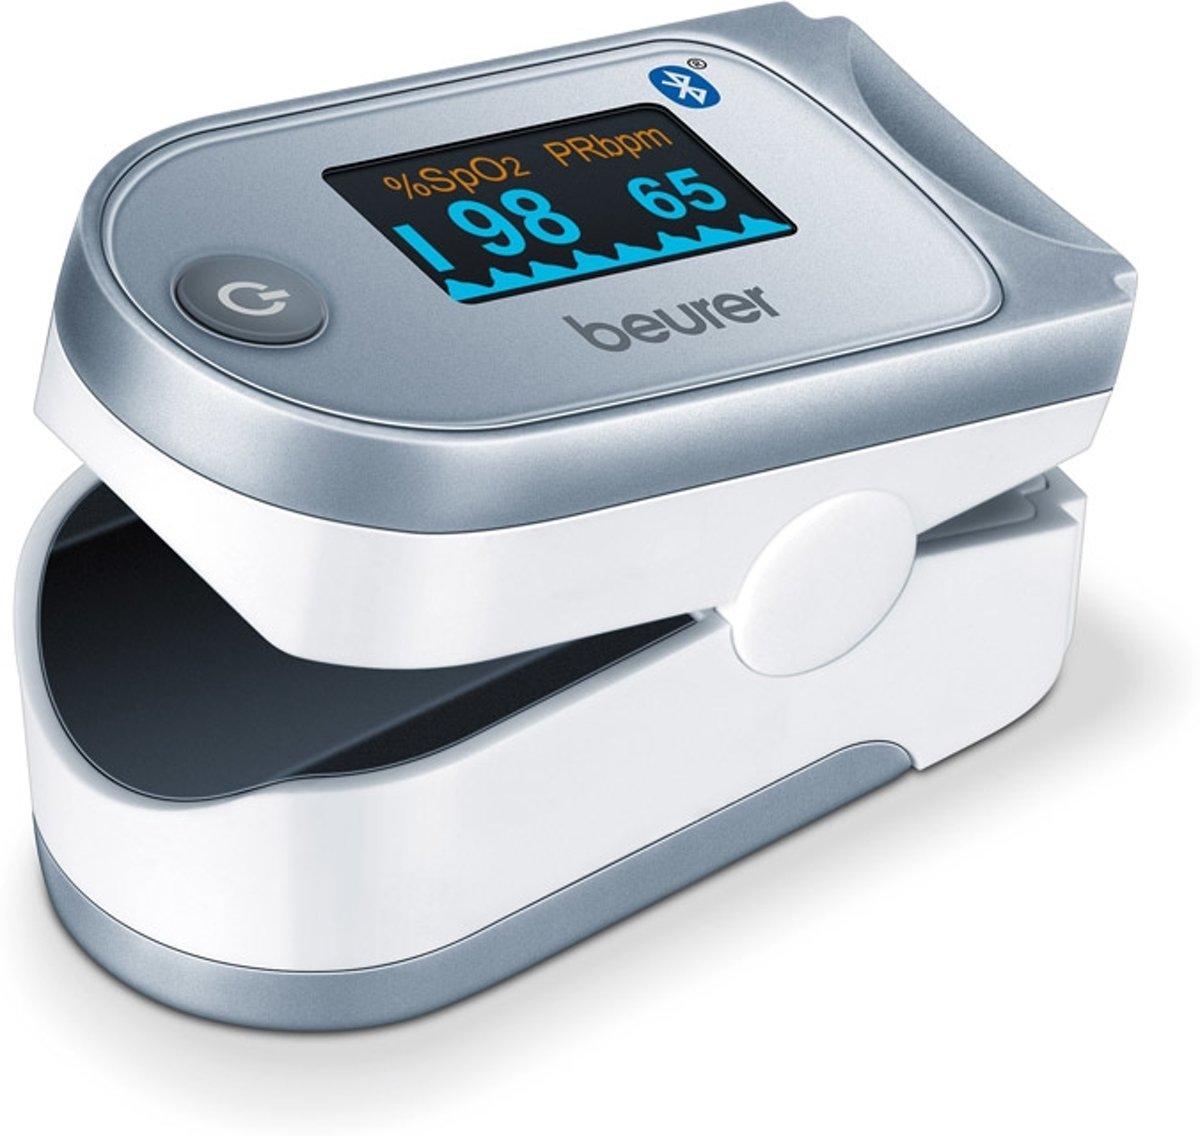 Beurer PO60 - Saturatiemeter/Pulseoximeter - Hartslagmeter - Bluetooth